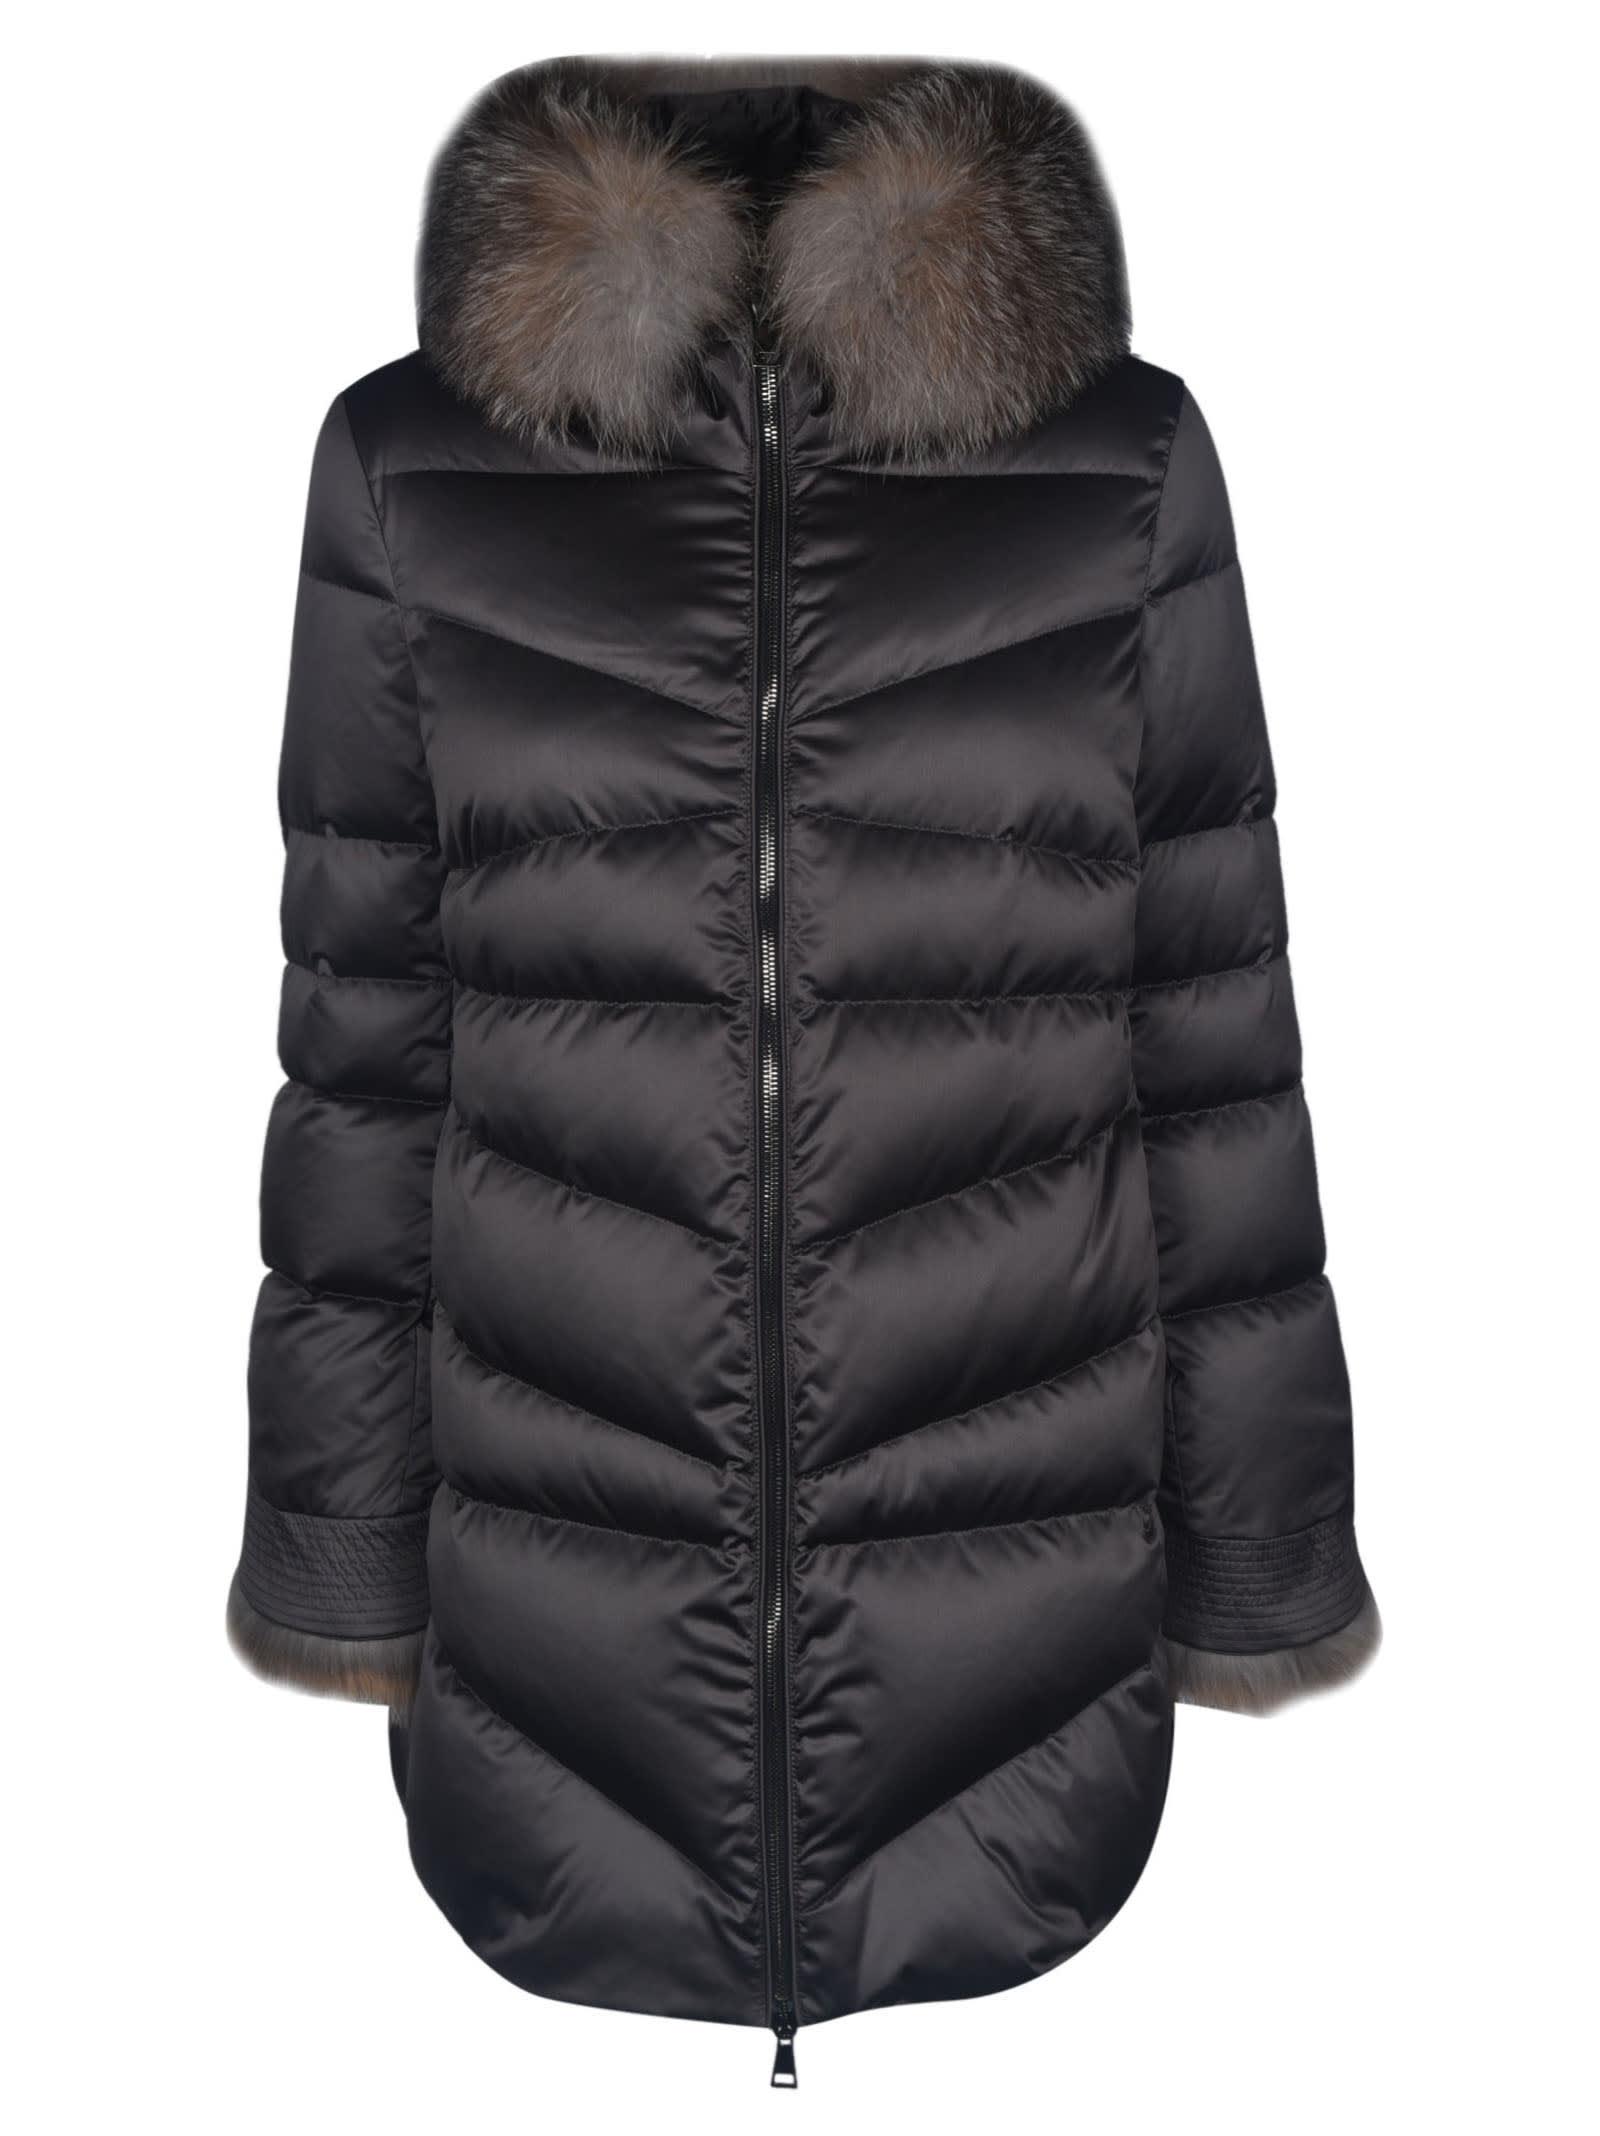 Moncler Fur Collar Padded Long Parka